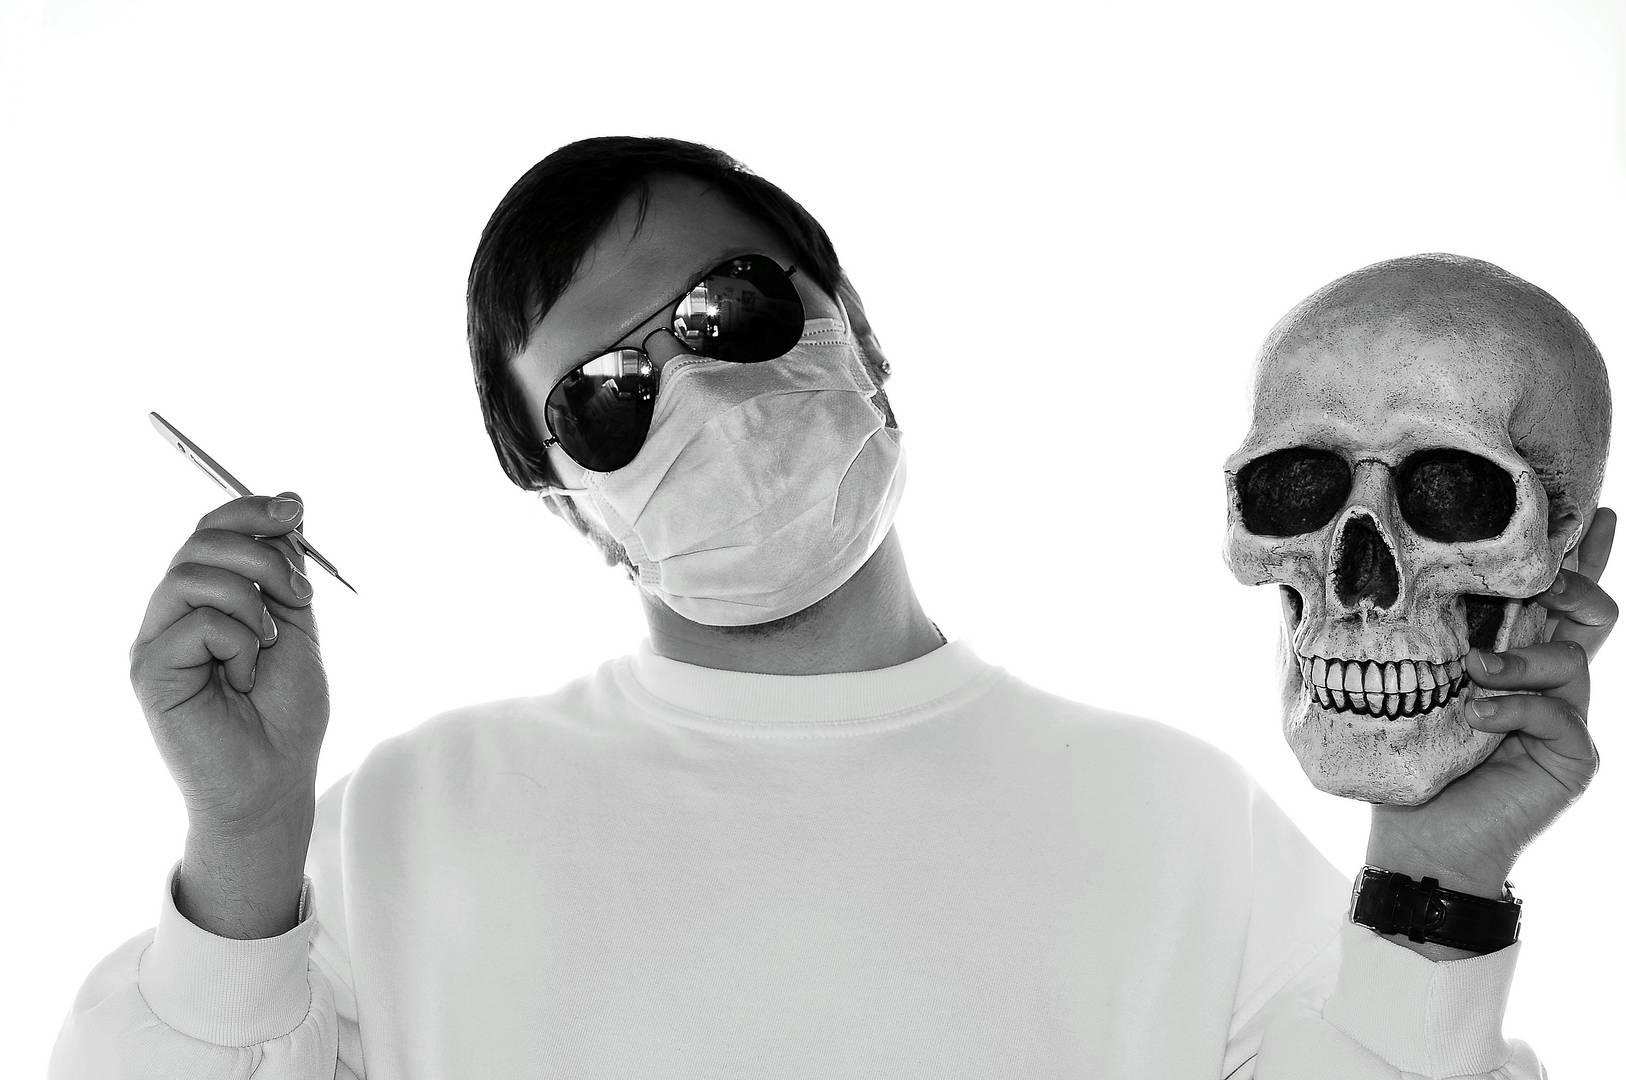 Dr. S.K.U.L.L